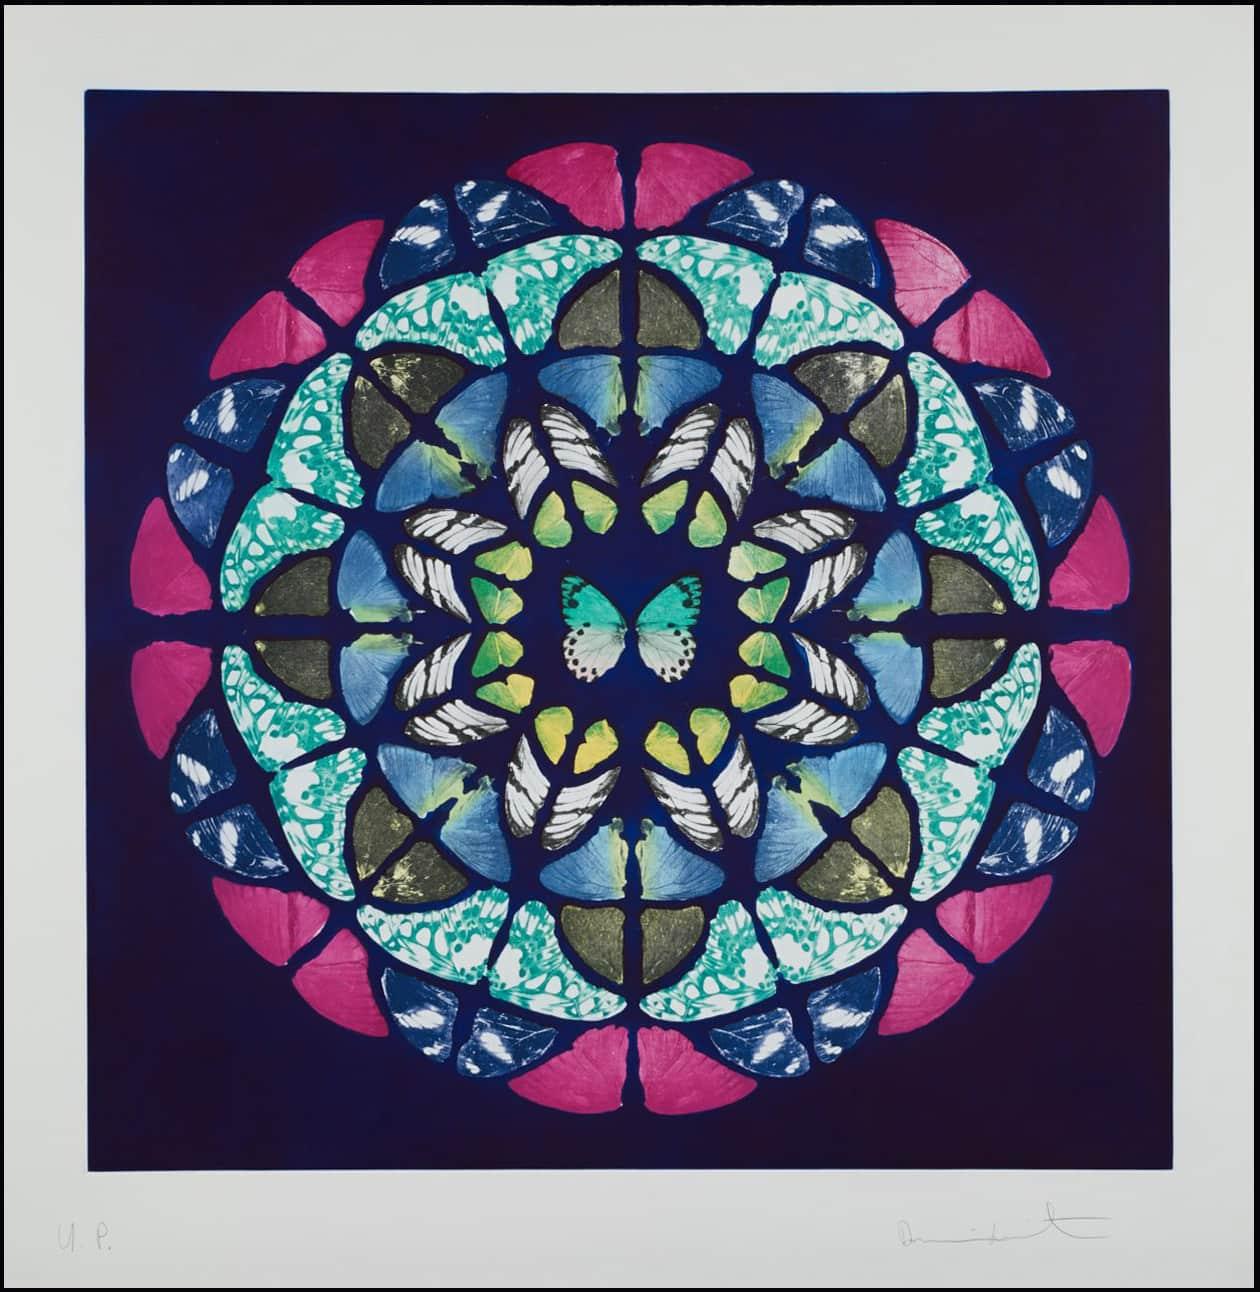 Damien Hirst UP from Sanctum Unique Colour Photogravure Etchings